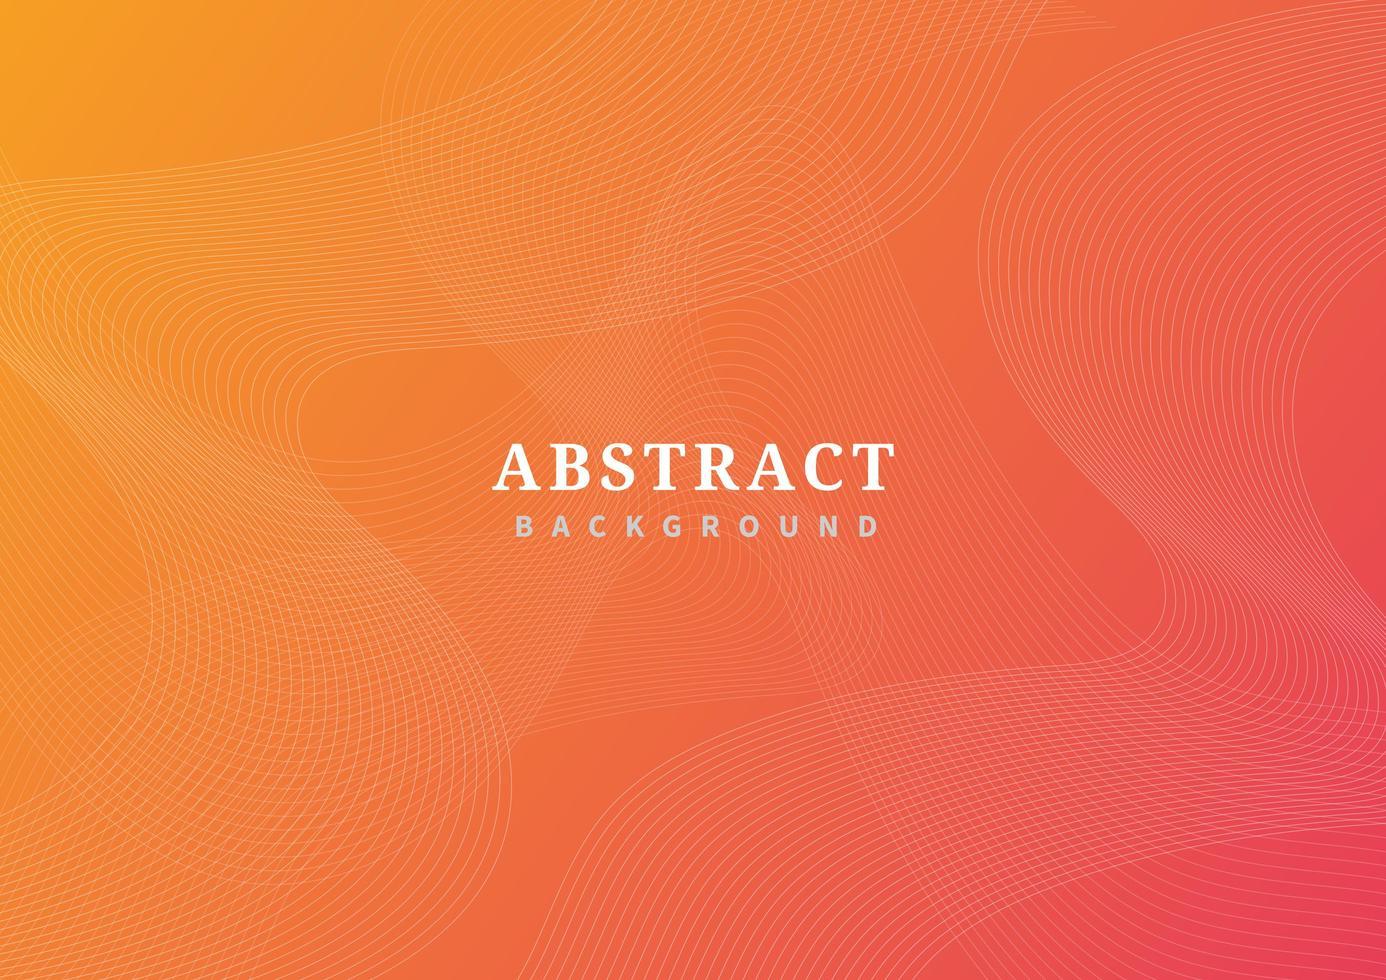 abstraktes Wellenlinienmuster auf orange Gradient vektor